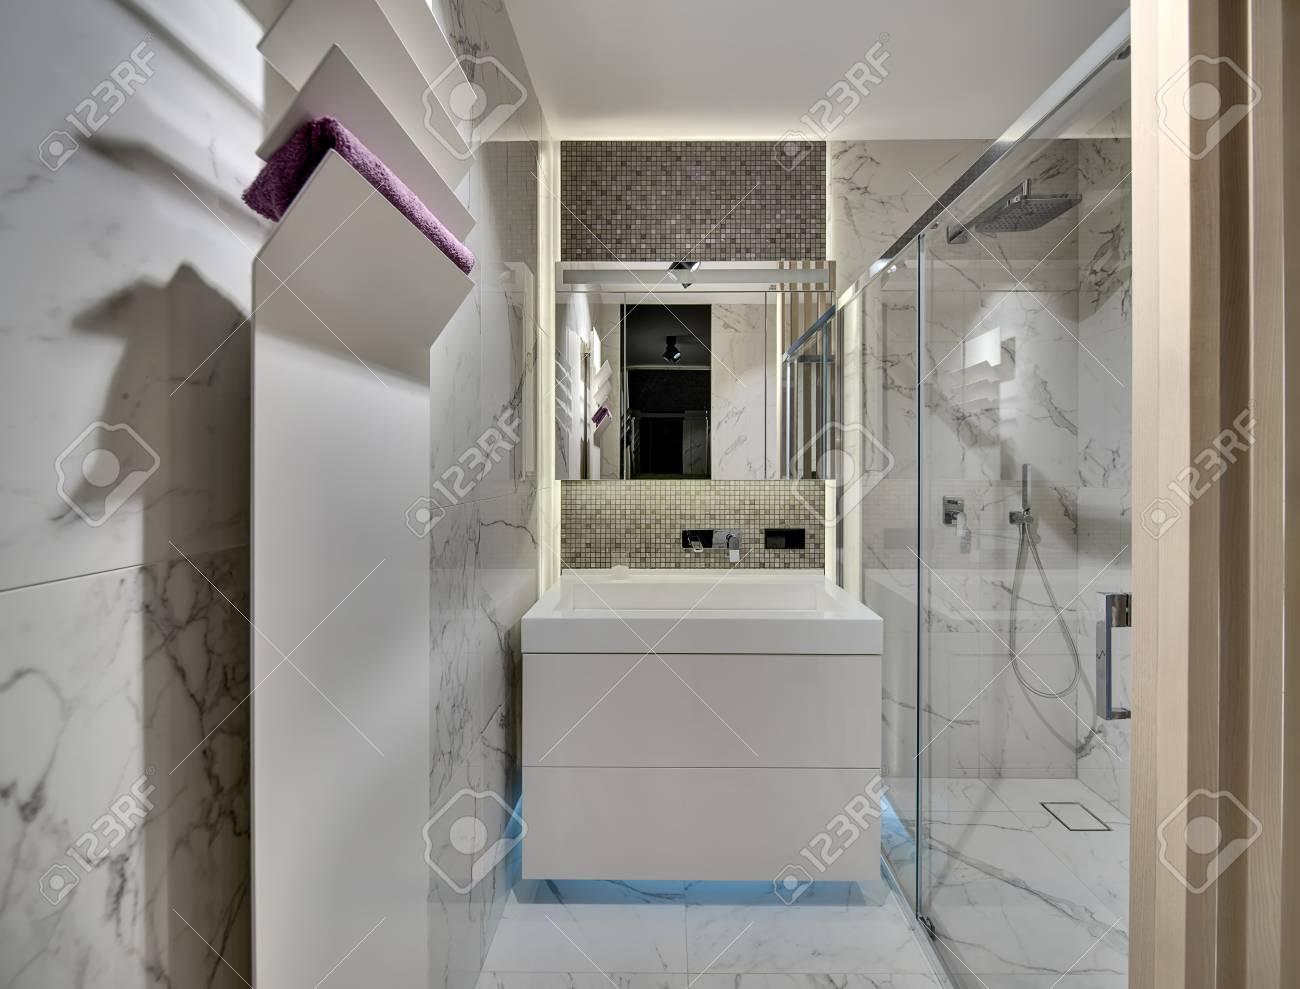 Cuarto De Baño En Un Estilo Moderno Con Azulejos Claros En Las ...